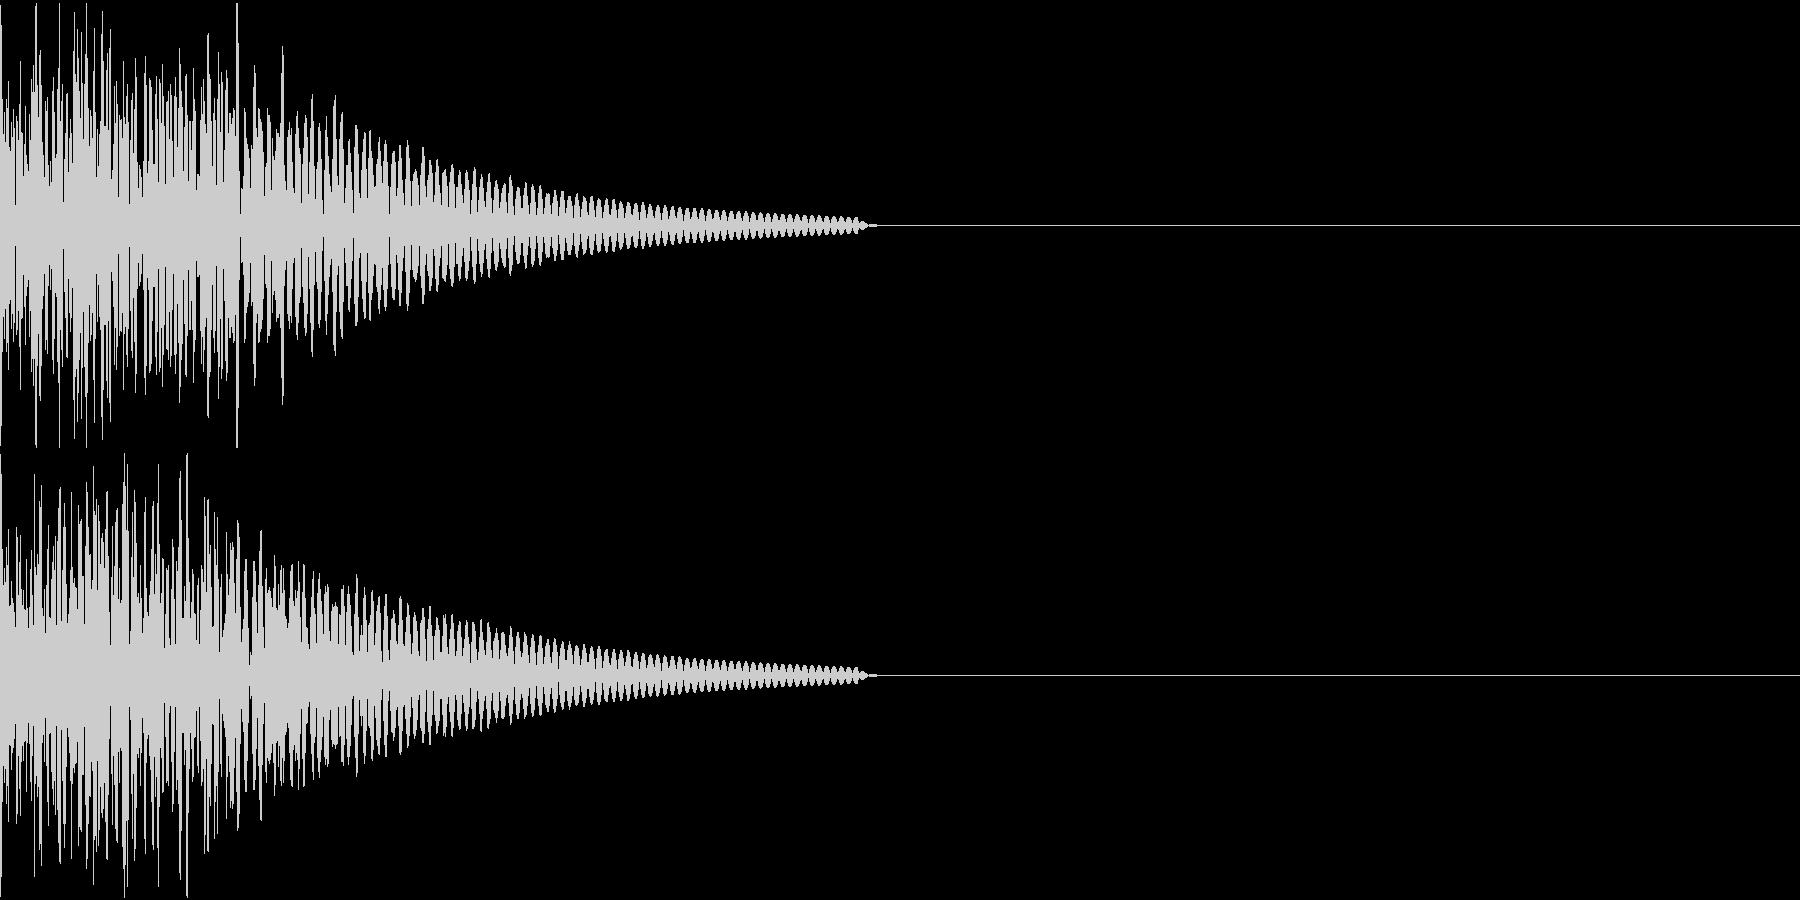 キック/壮大/広範囲/ドラム/低音/1Aの未再生の波形